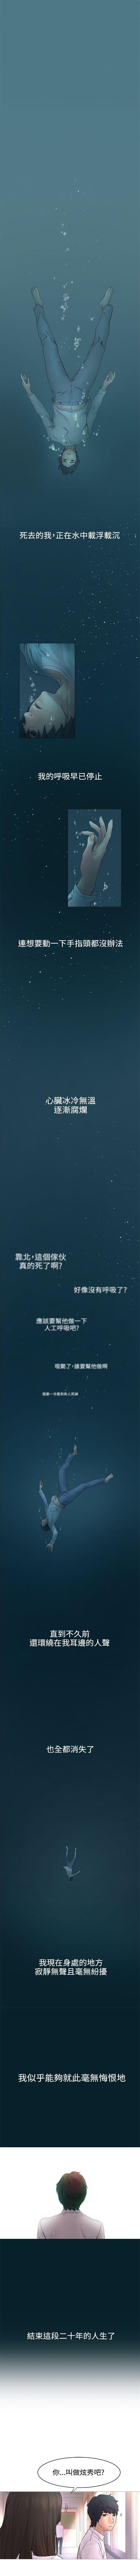 衝突 1-100官方中文(連載中) 1